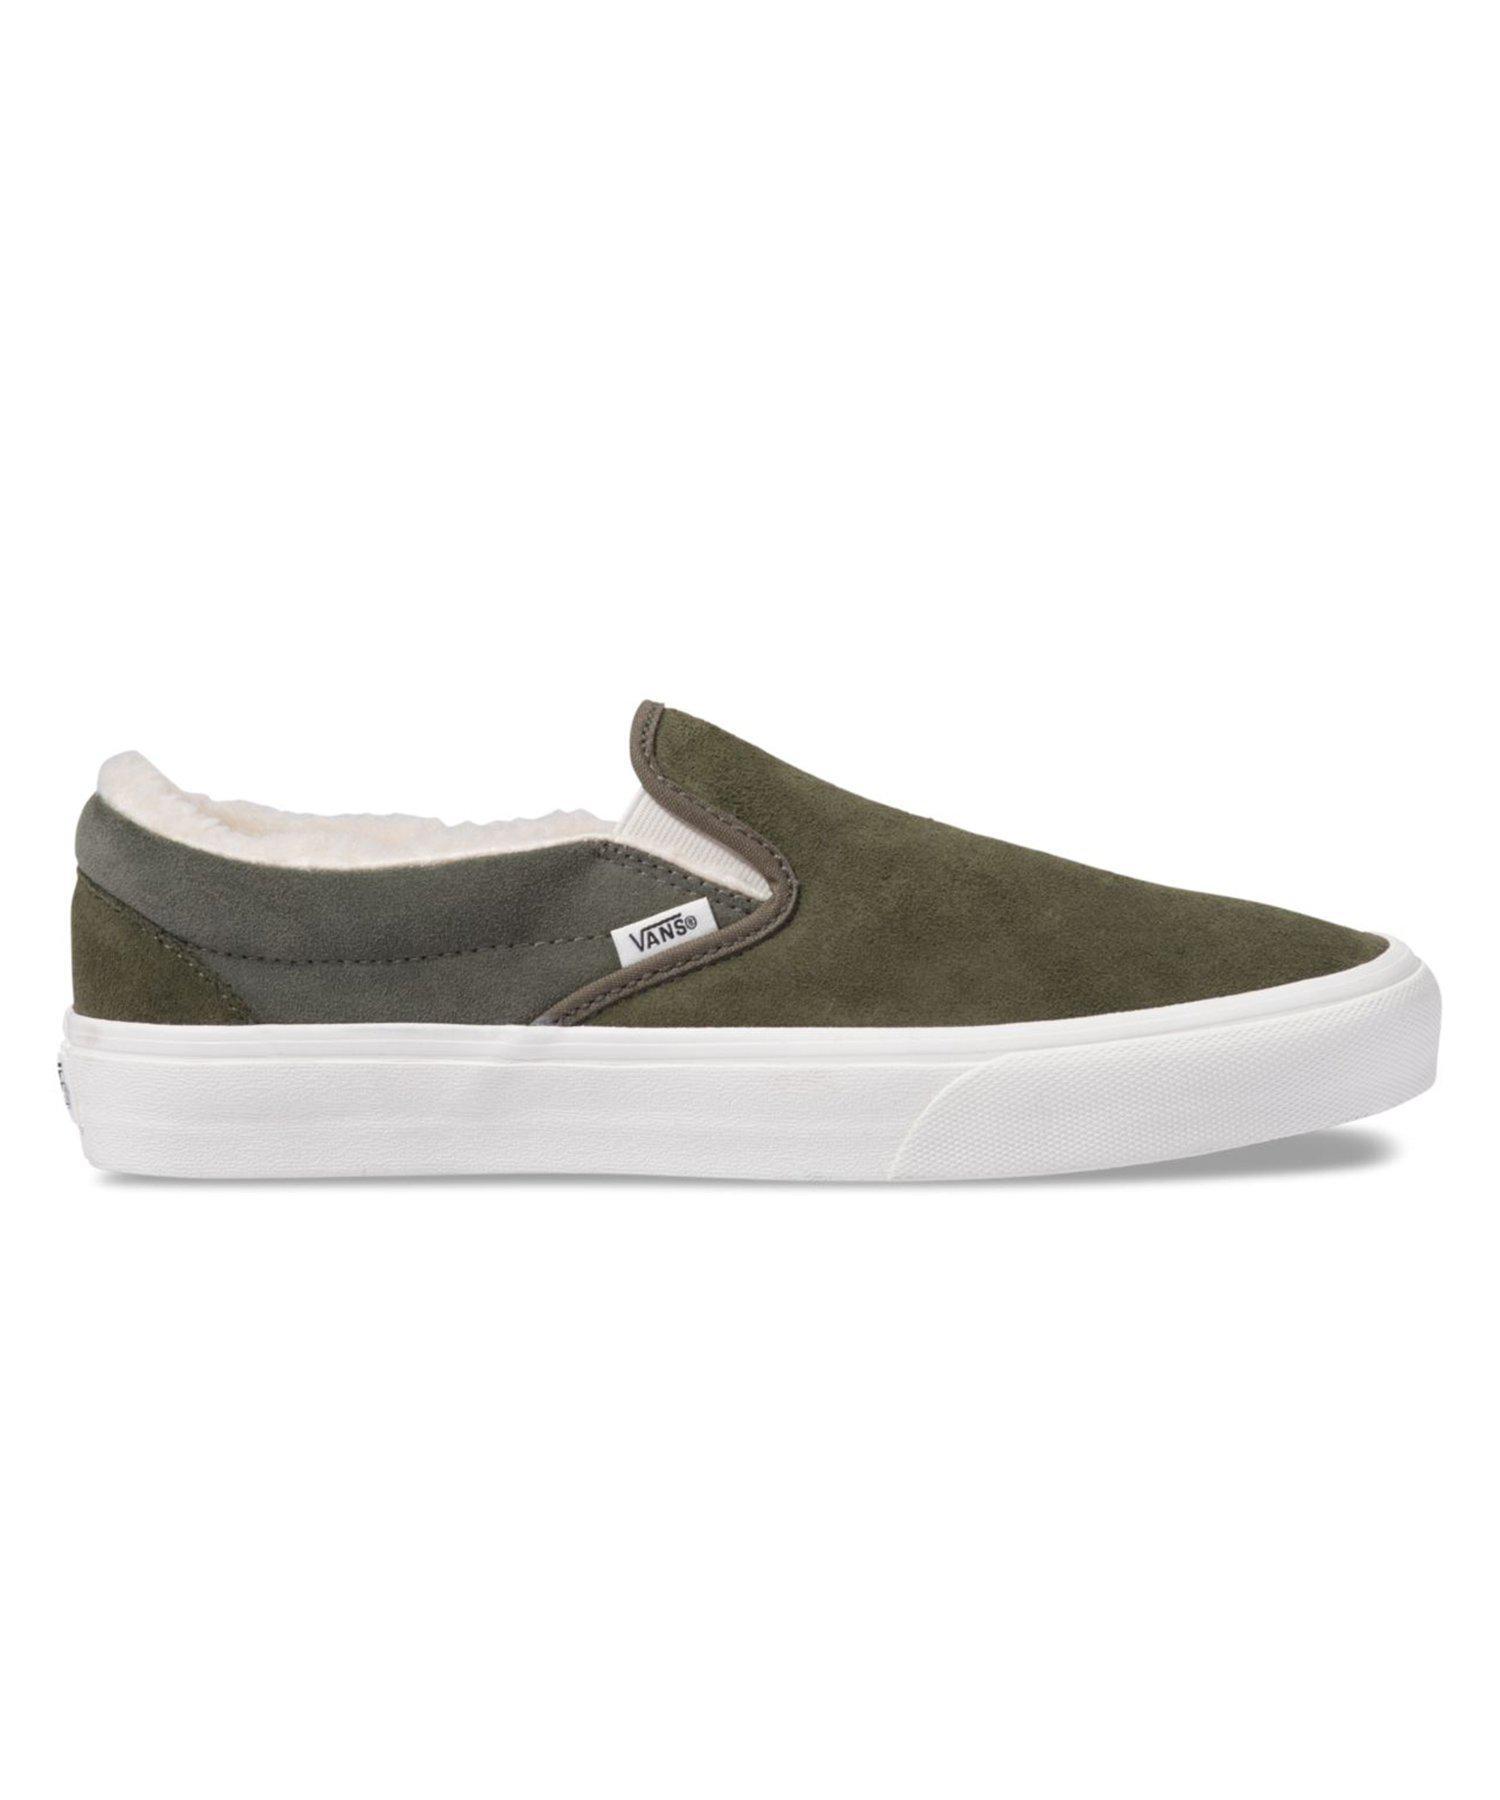 Vans Rubber Og Classic Slip-on in Olive